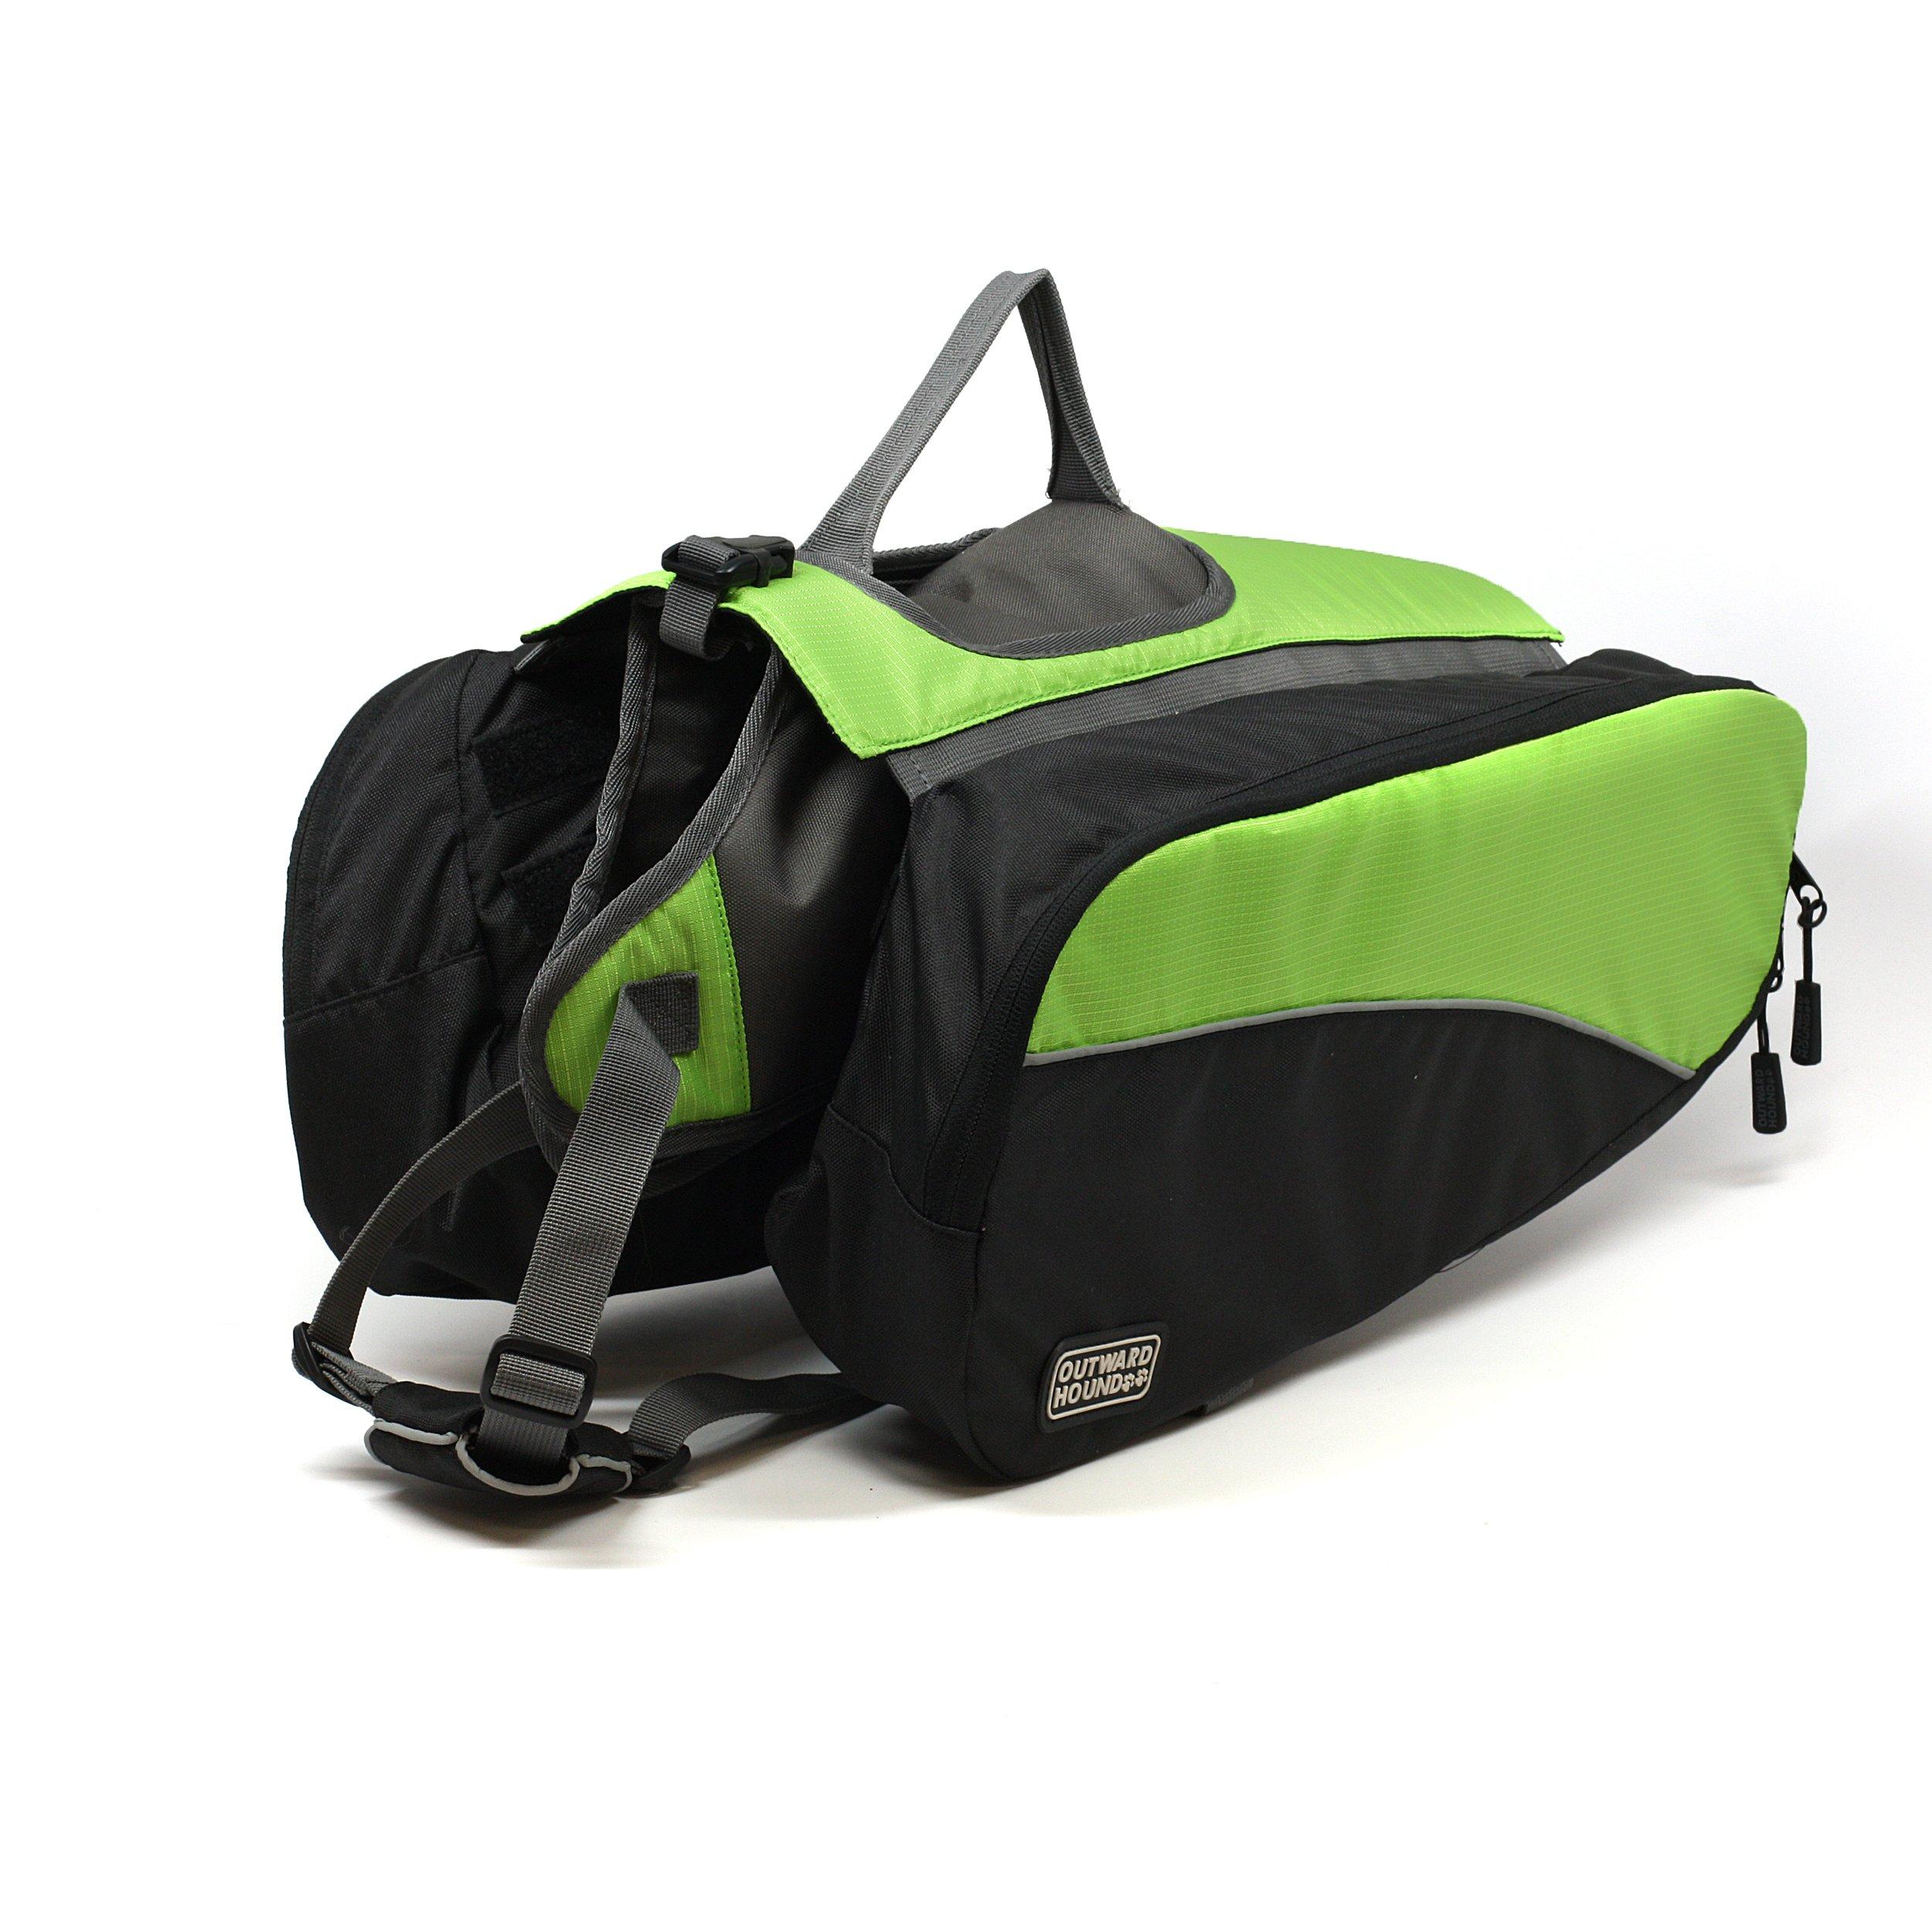 Outward Hound Kyjen  2491 Dog Backpack, Large, Green by Kyjen